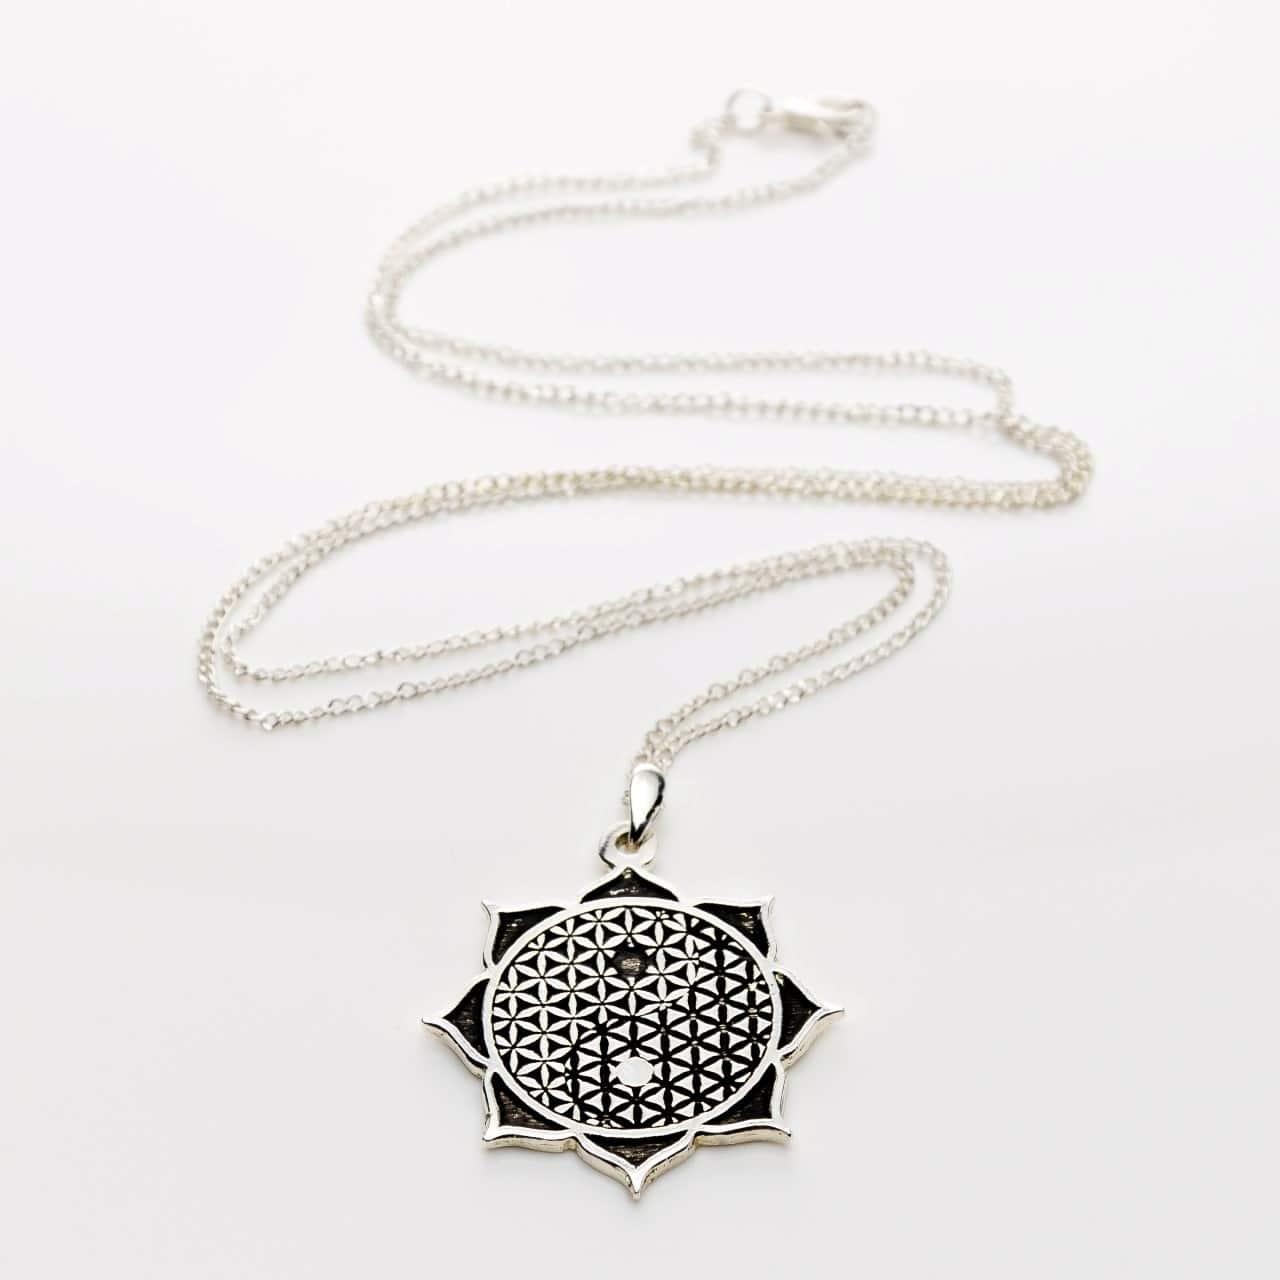 Colier 3 simboluri, 3 forte, 3 minuni: Floarea Vietii, Floare de Lotus, Yin&Yang argintat